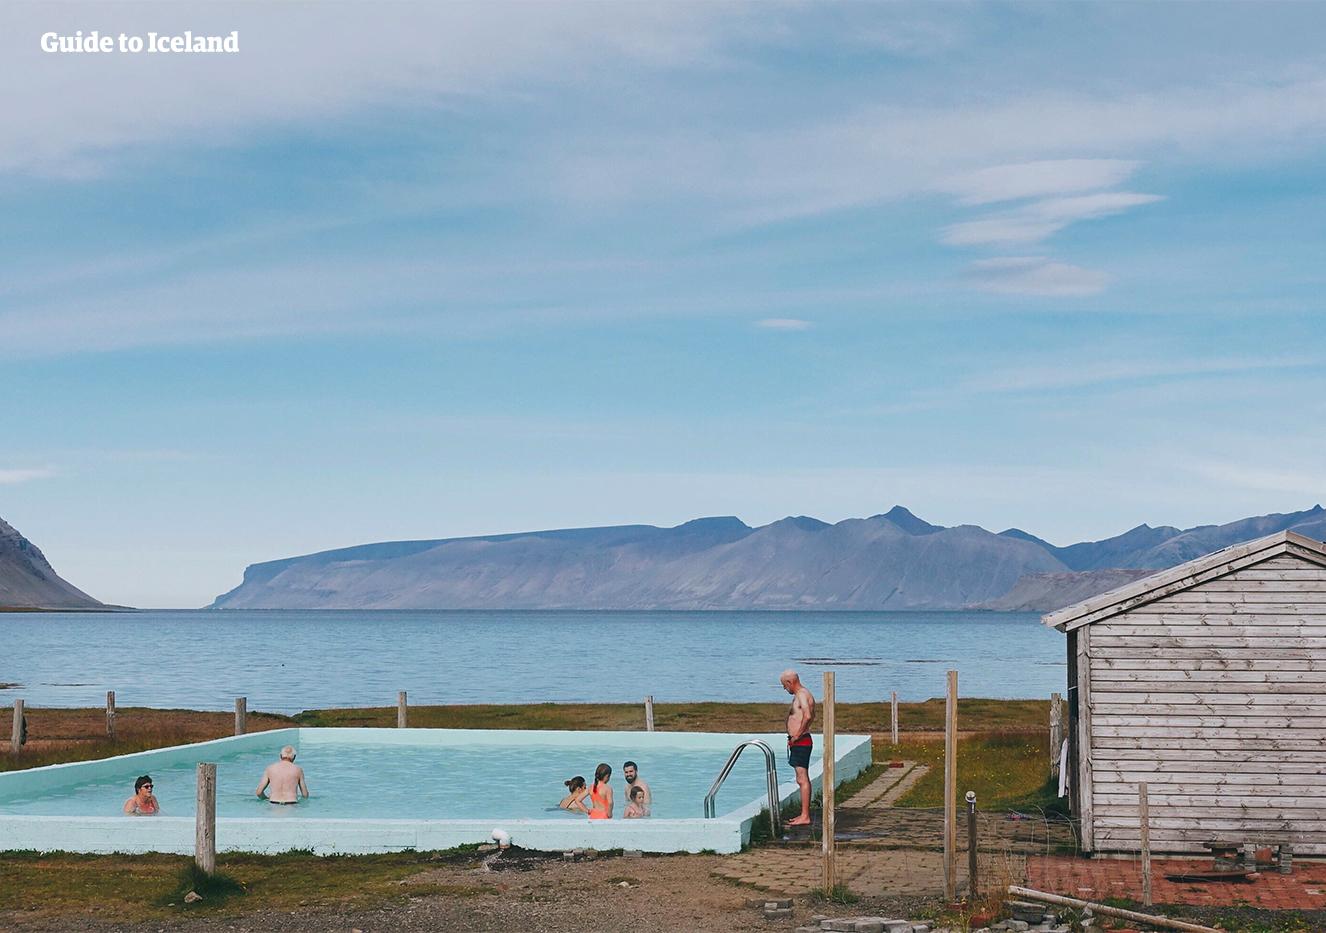 레이캬퍄르다르라우그 온천 수영장, 아이슬란드 웨스트피요르드.